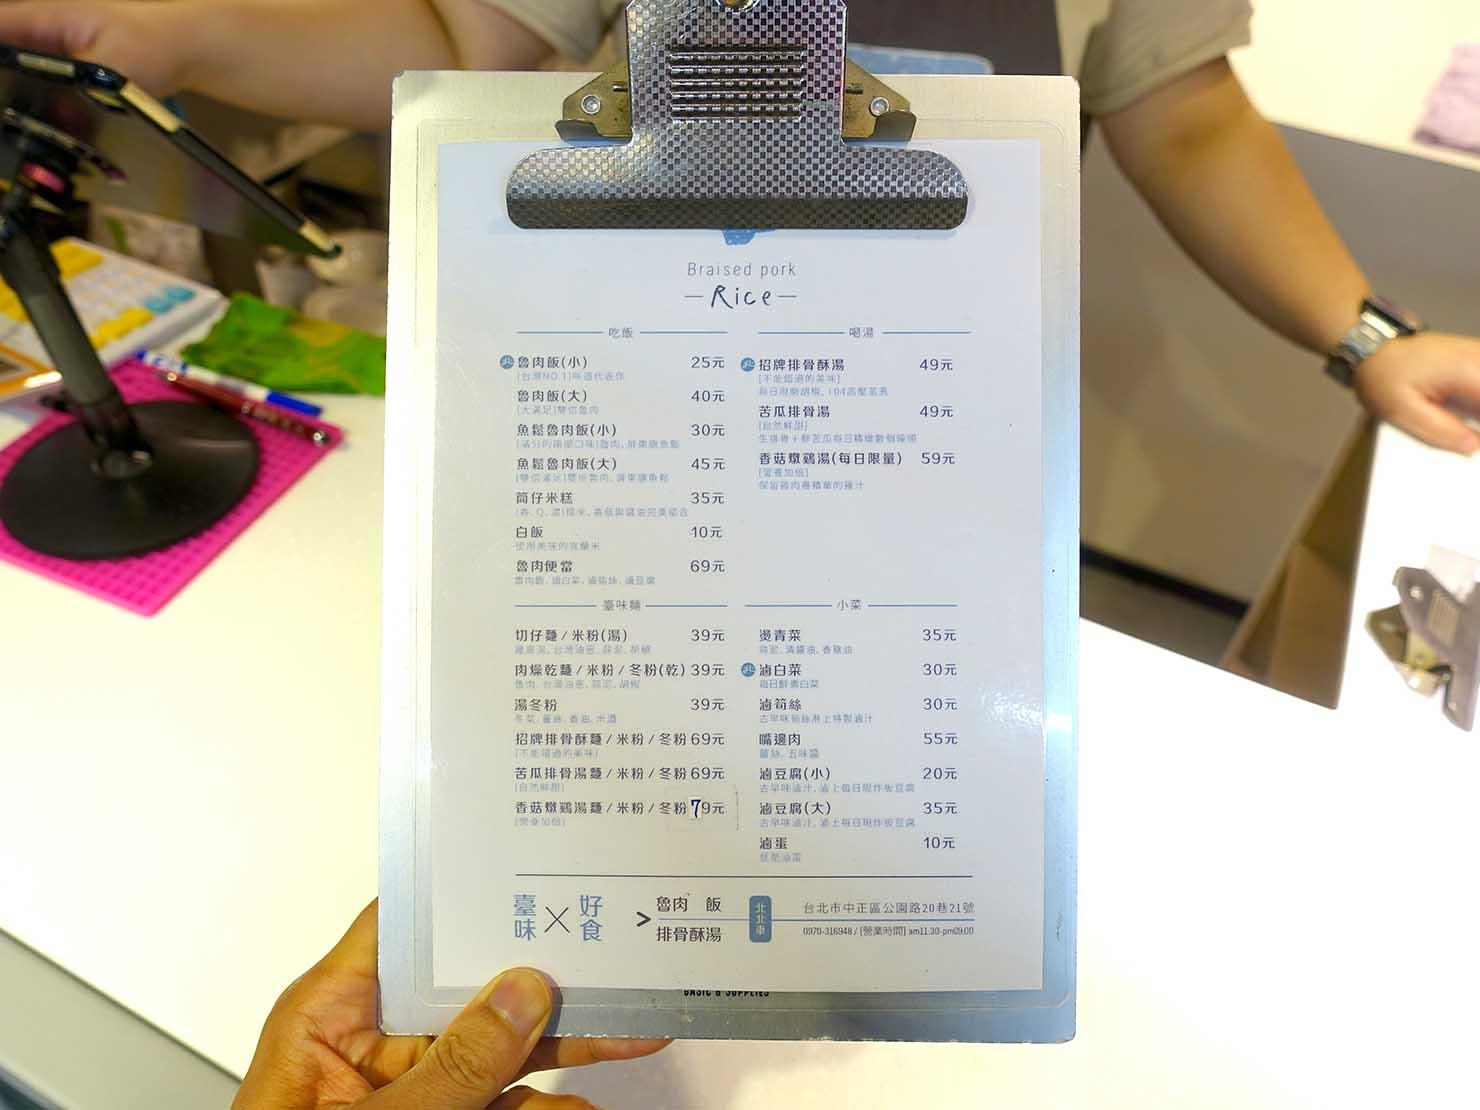 台北駅エリアのおすすめ台湾グルメ店「北北車魯肉飯」のメニュー